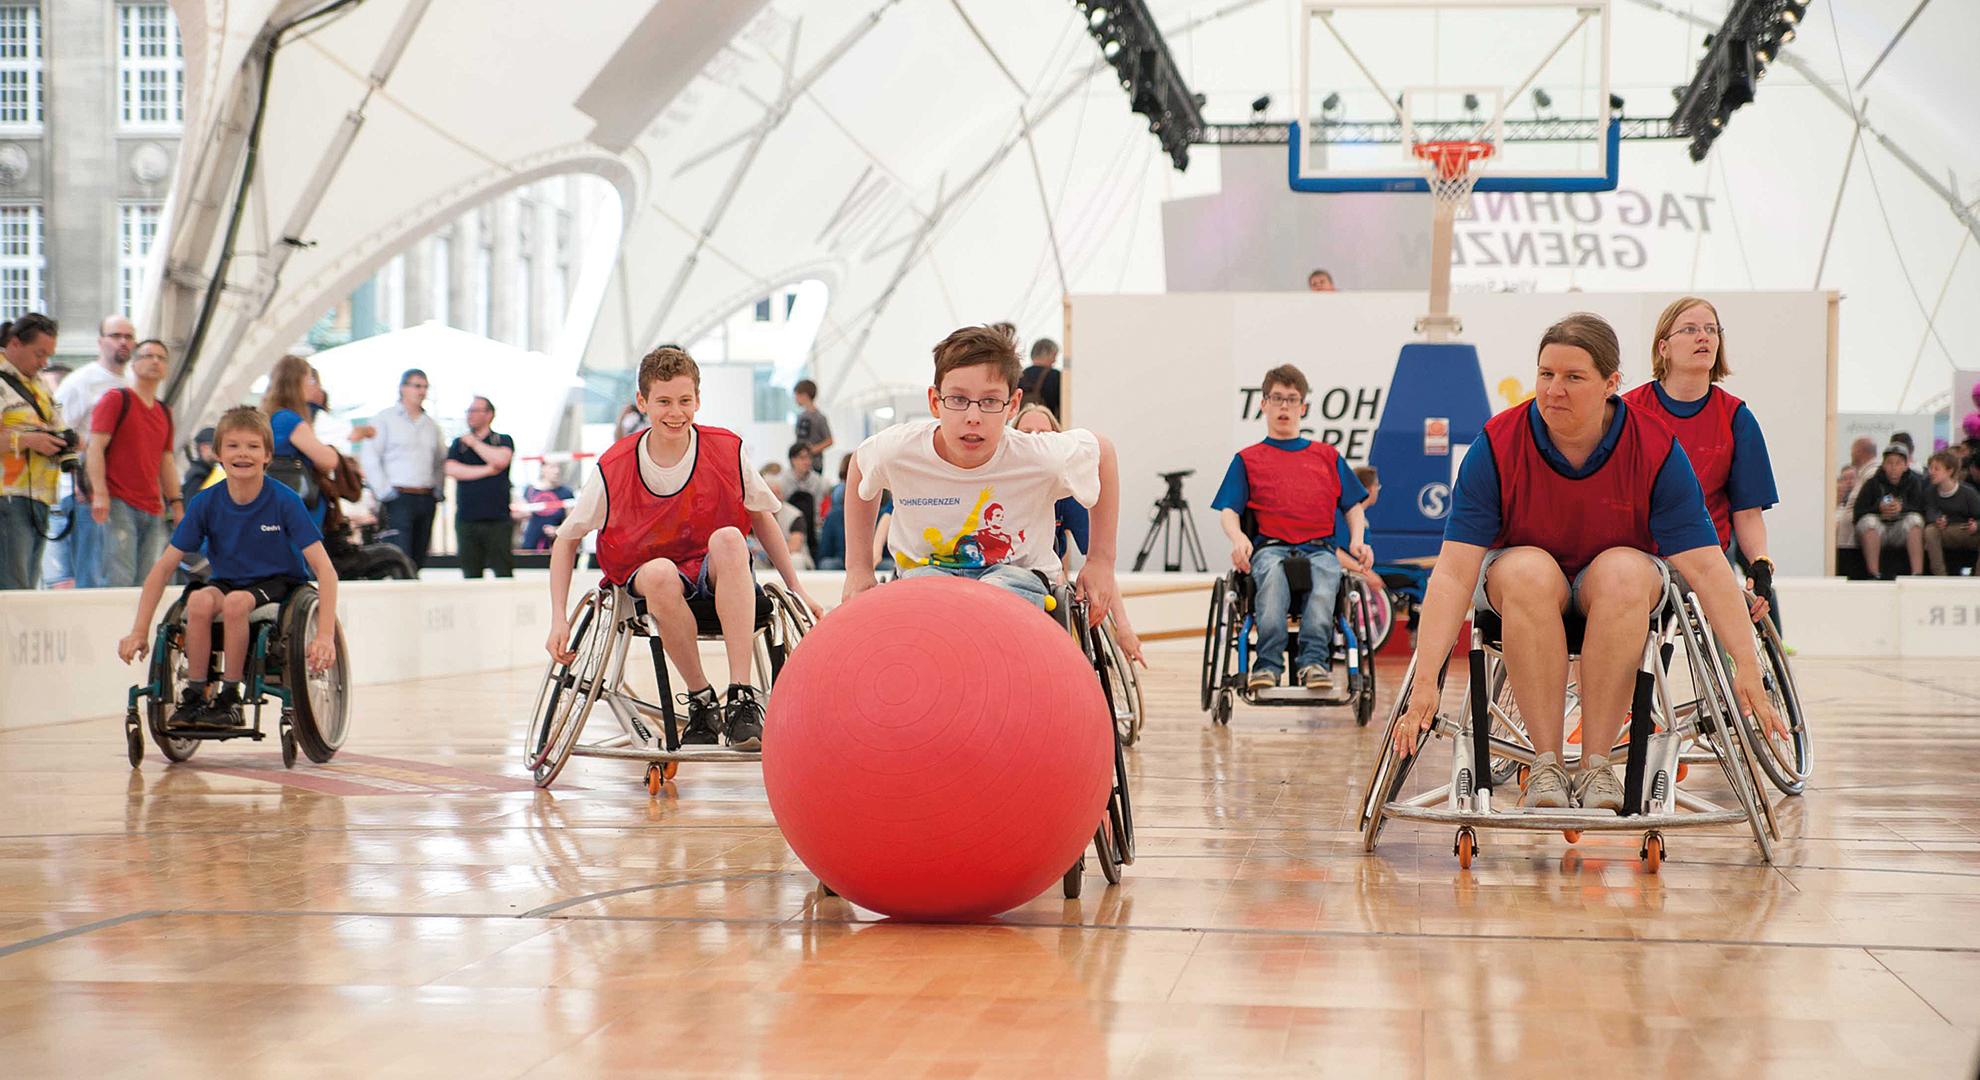 Jugendliche im Rollstuhl spielen mit einem großen Pezziball Wheel Soccer.